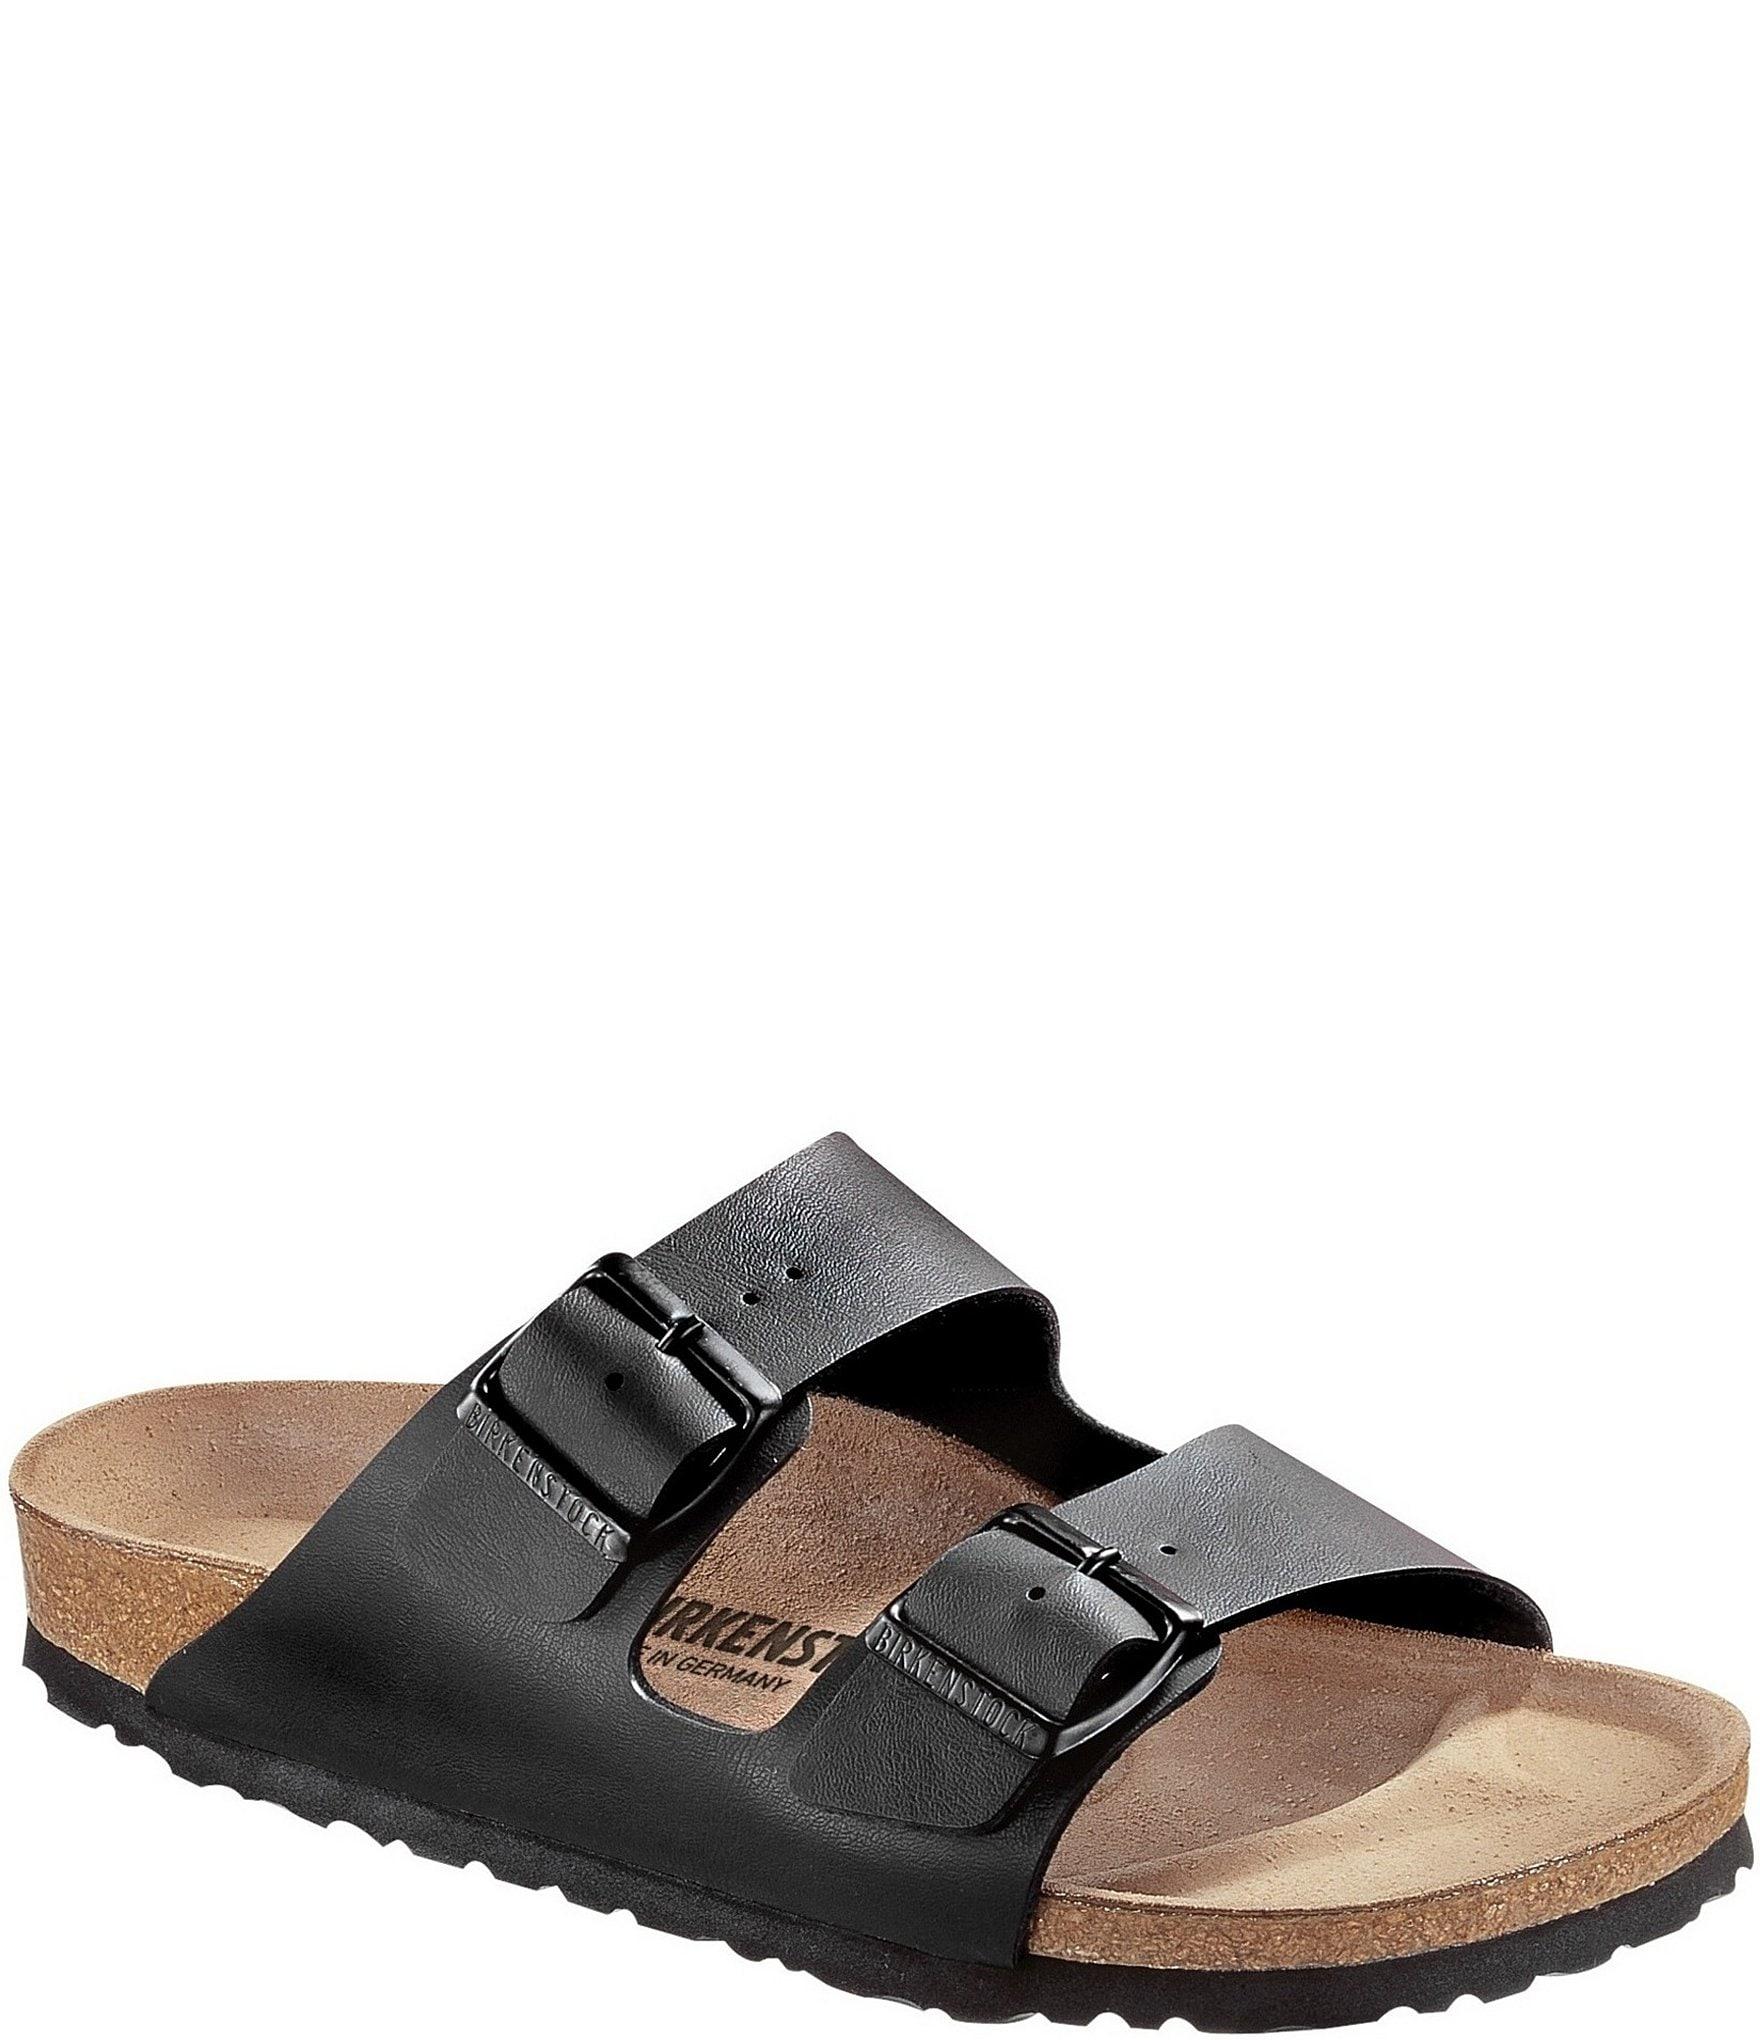 fe42638e12e Birkenstock Women s Extended Size Shoes